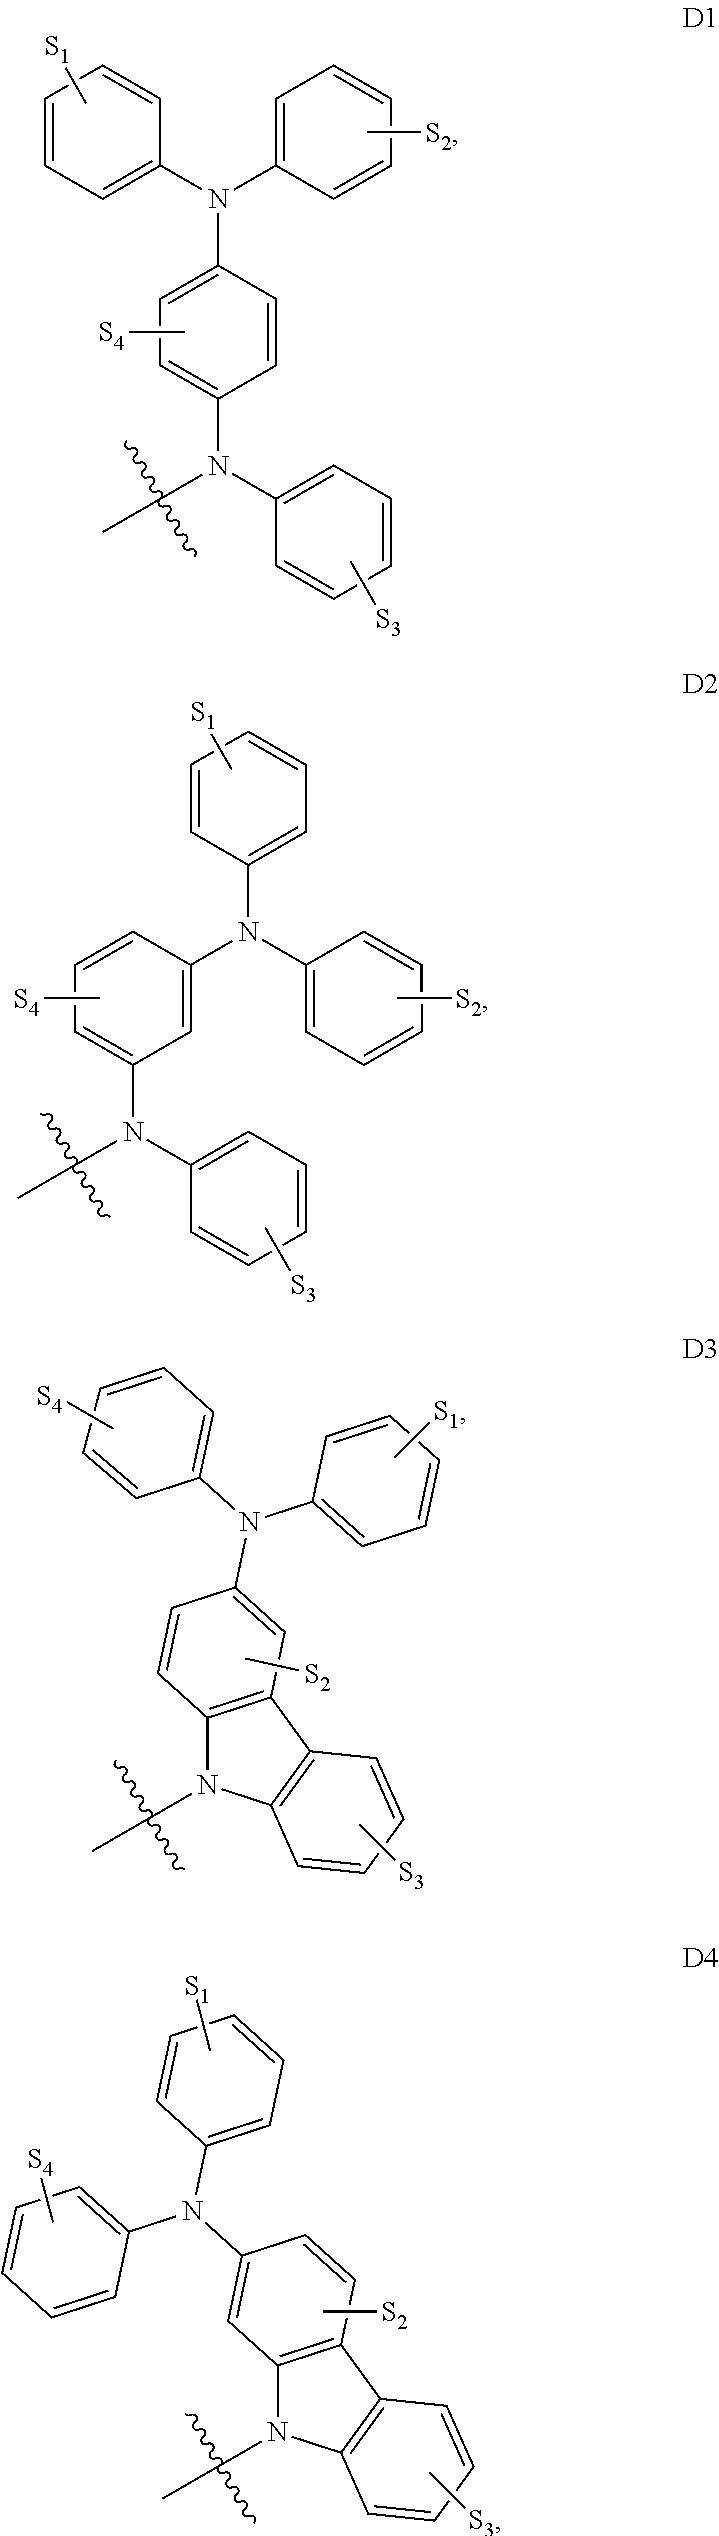 Figure US09324949-20160426-C00003